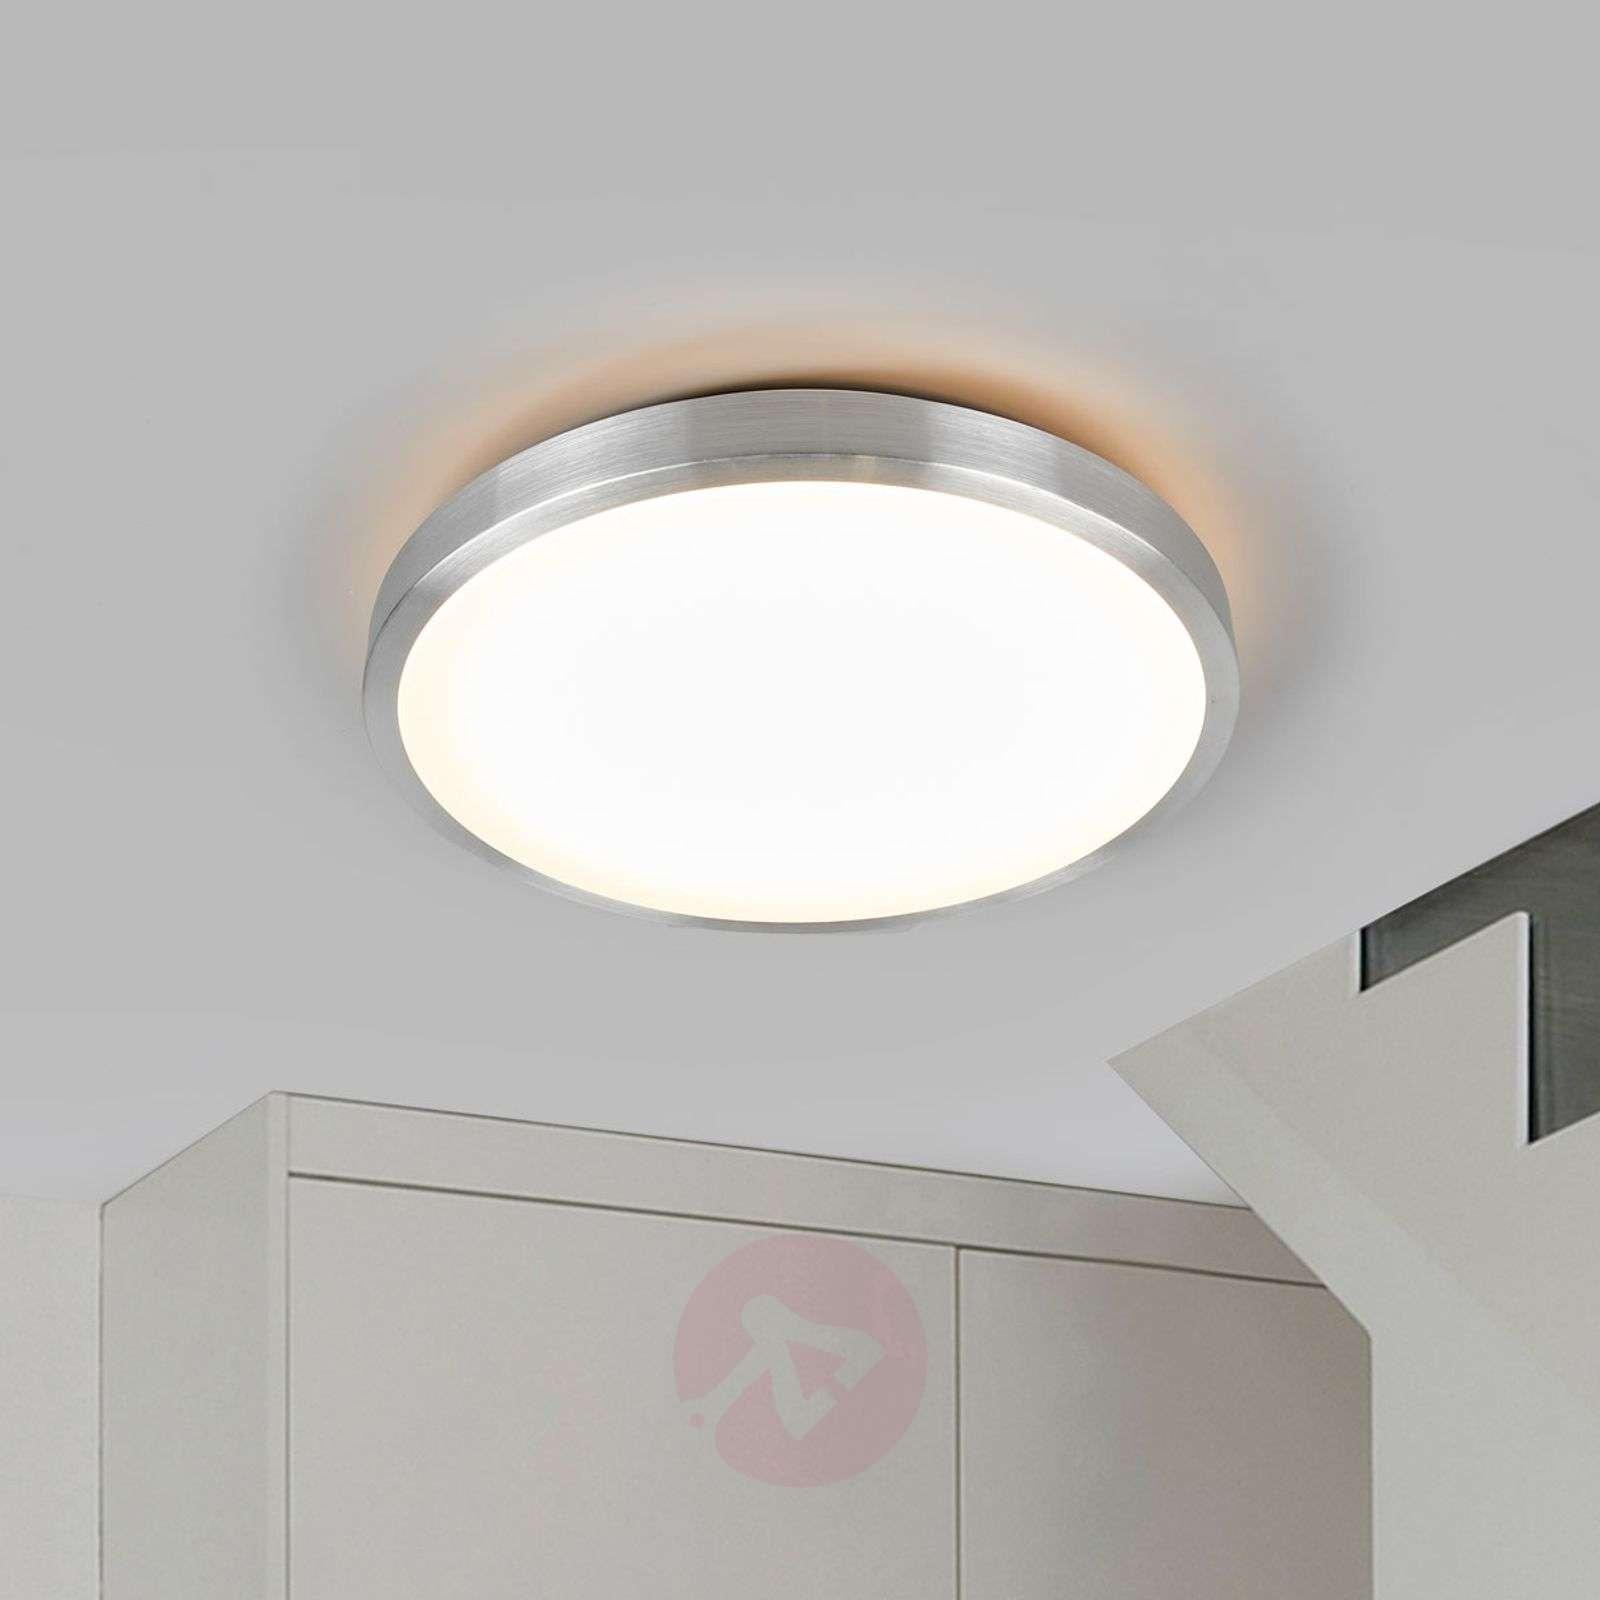 Hillitty Jasmin-LED-kattovalaisin, pyöreä kupu-9974019-01